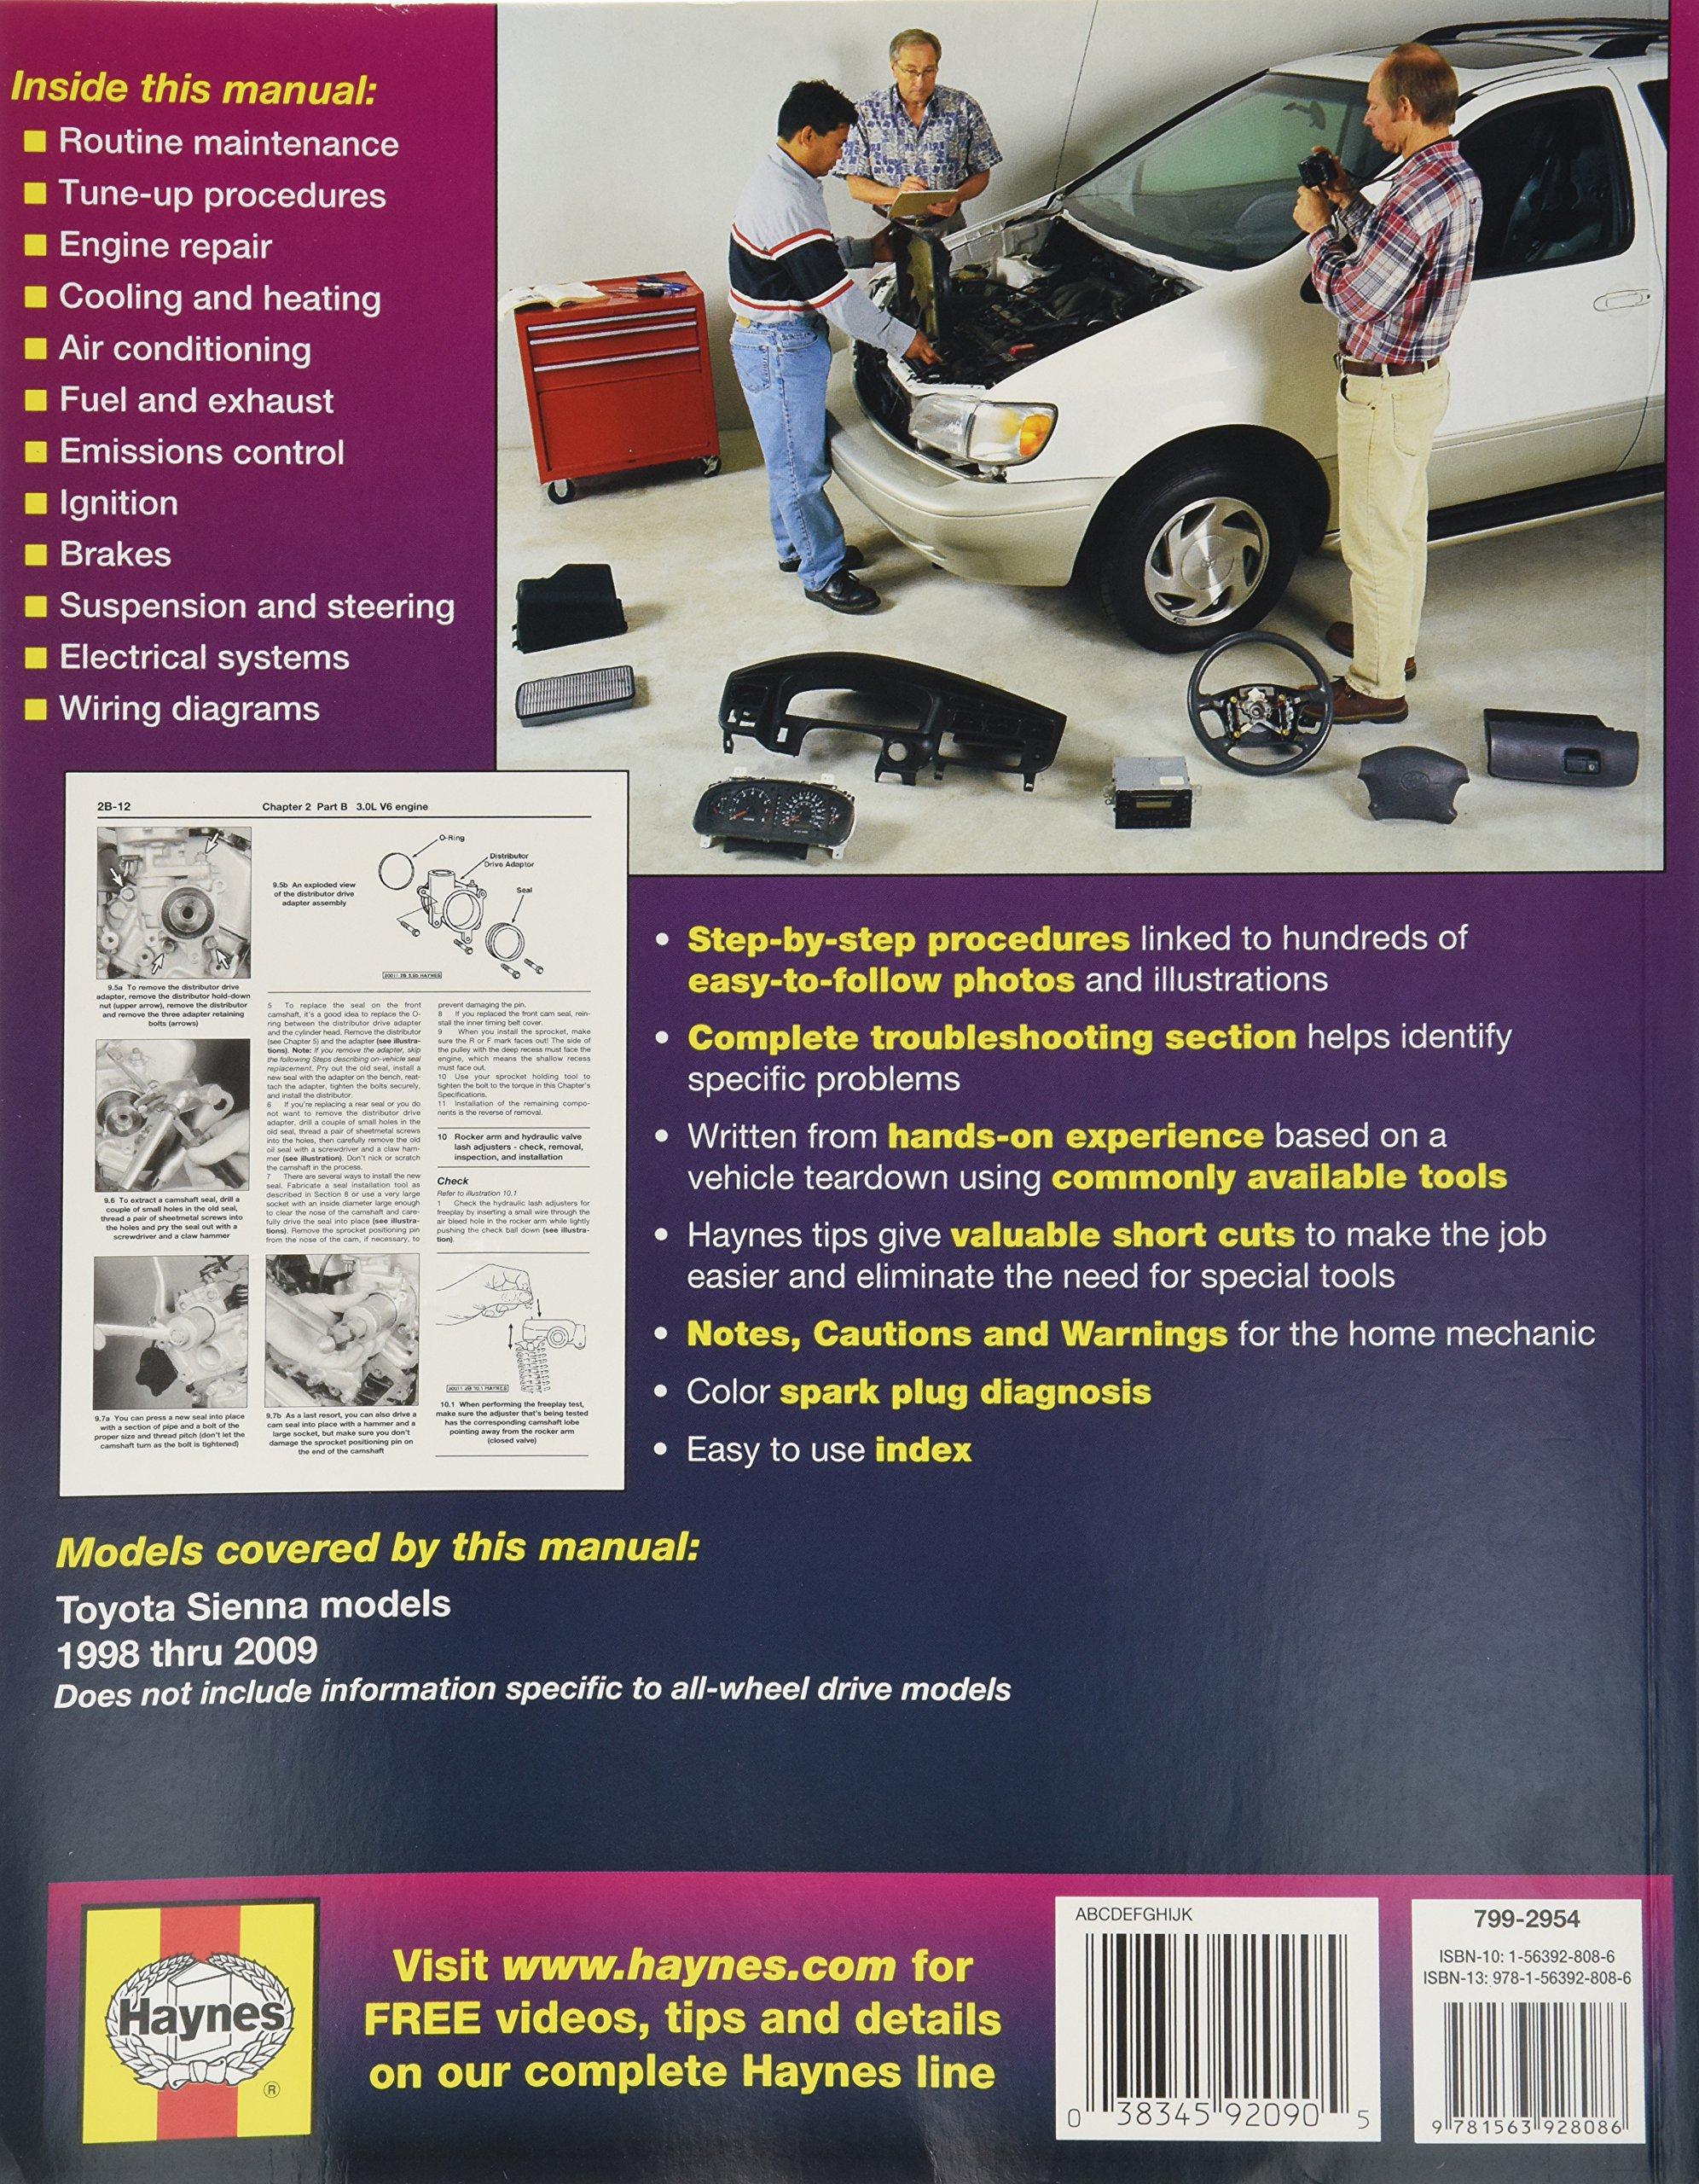 Toyota Sienna Service Manual: Condenser